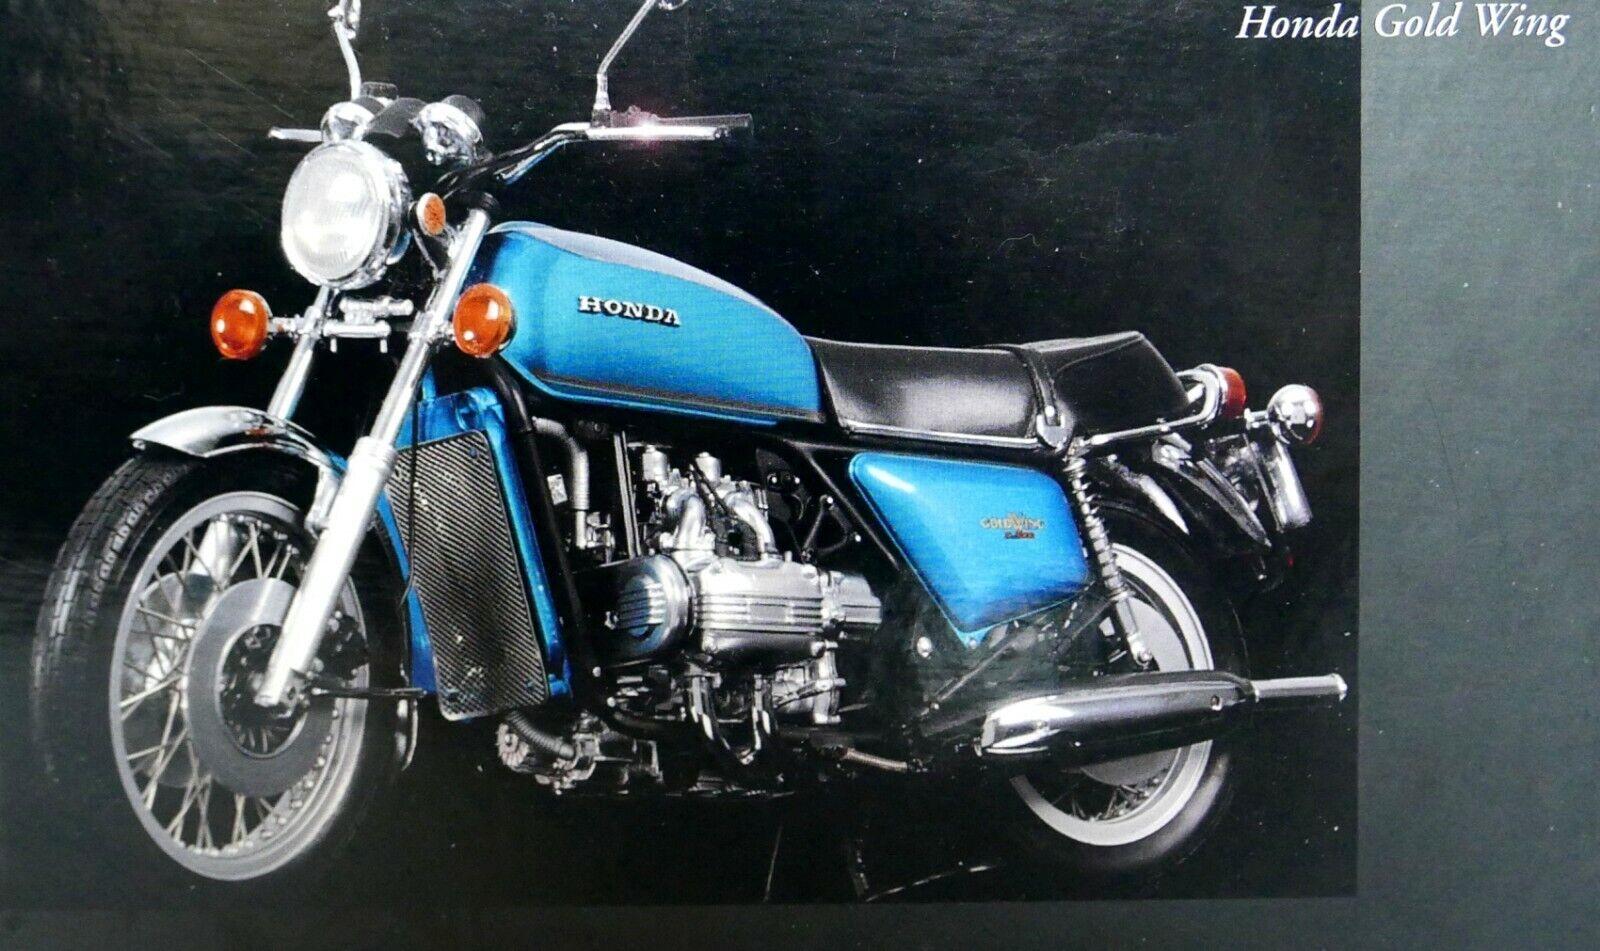 MINICHAMPS 1 12 MOTO HONDA or WING 1975  bleu vert NEUF 122161600 Premier raaaare  designer en ligne